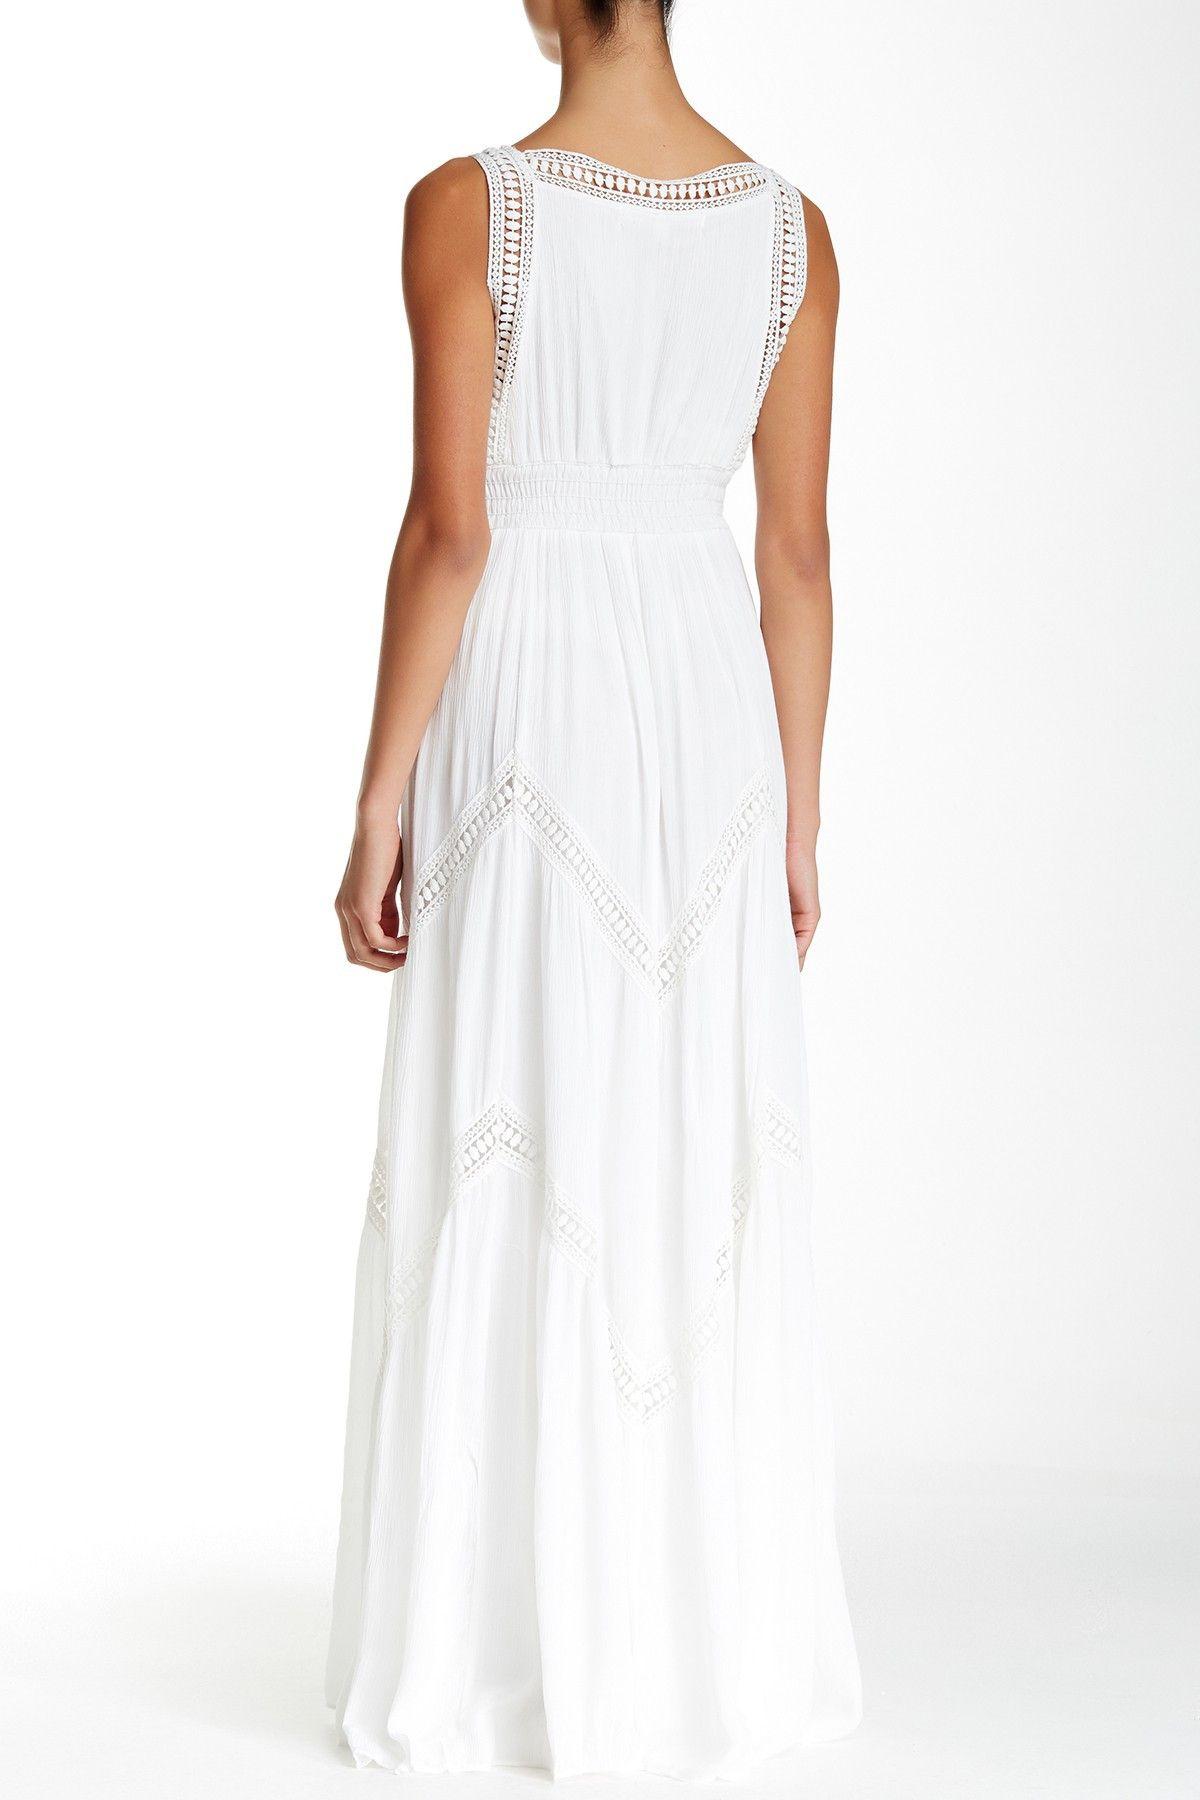 Max Studio Sleeveless Crochet Trim Maxi Dress Nordstrom Rack Maxi Dress Nordstrom Dresses Dresses [ 1800 x 1200 Pixel ]